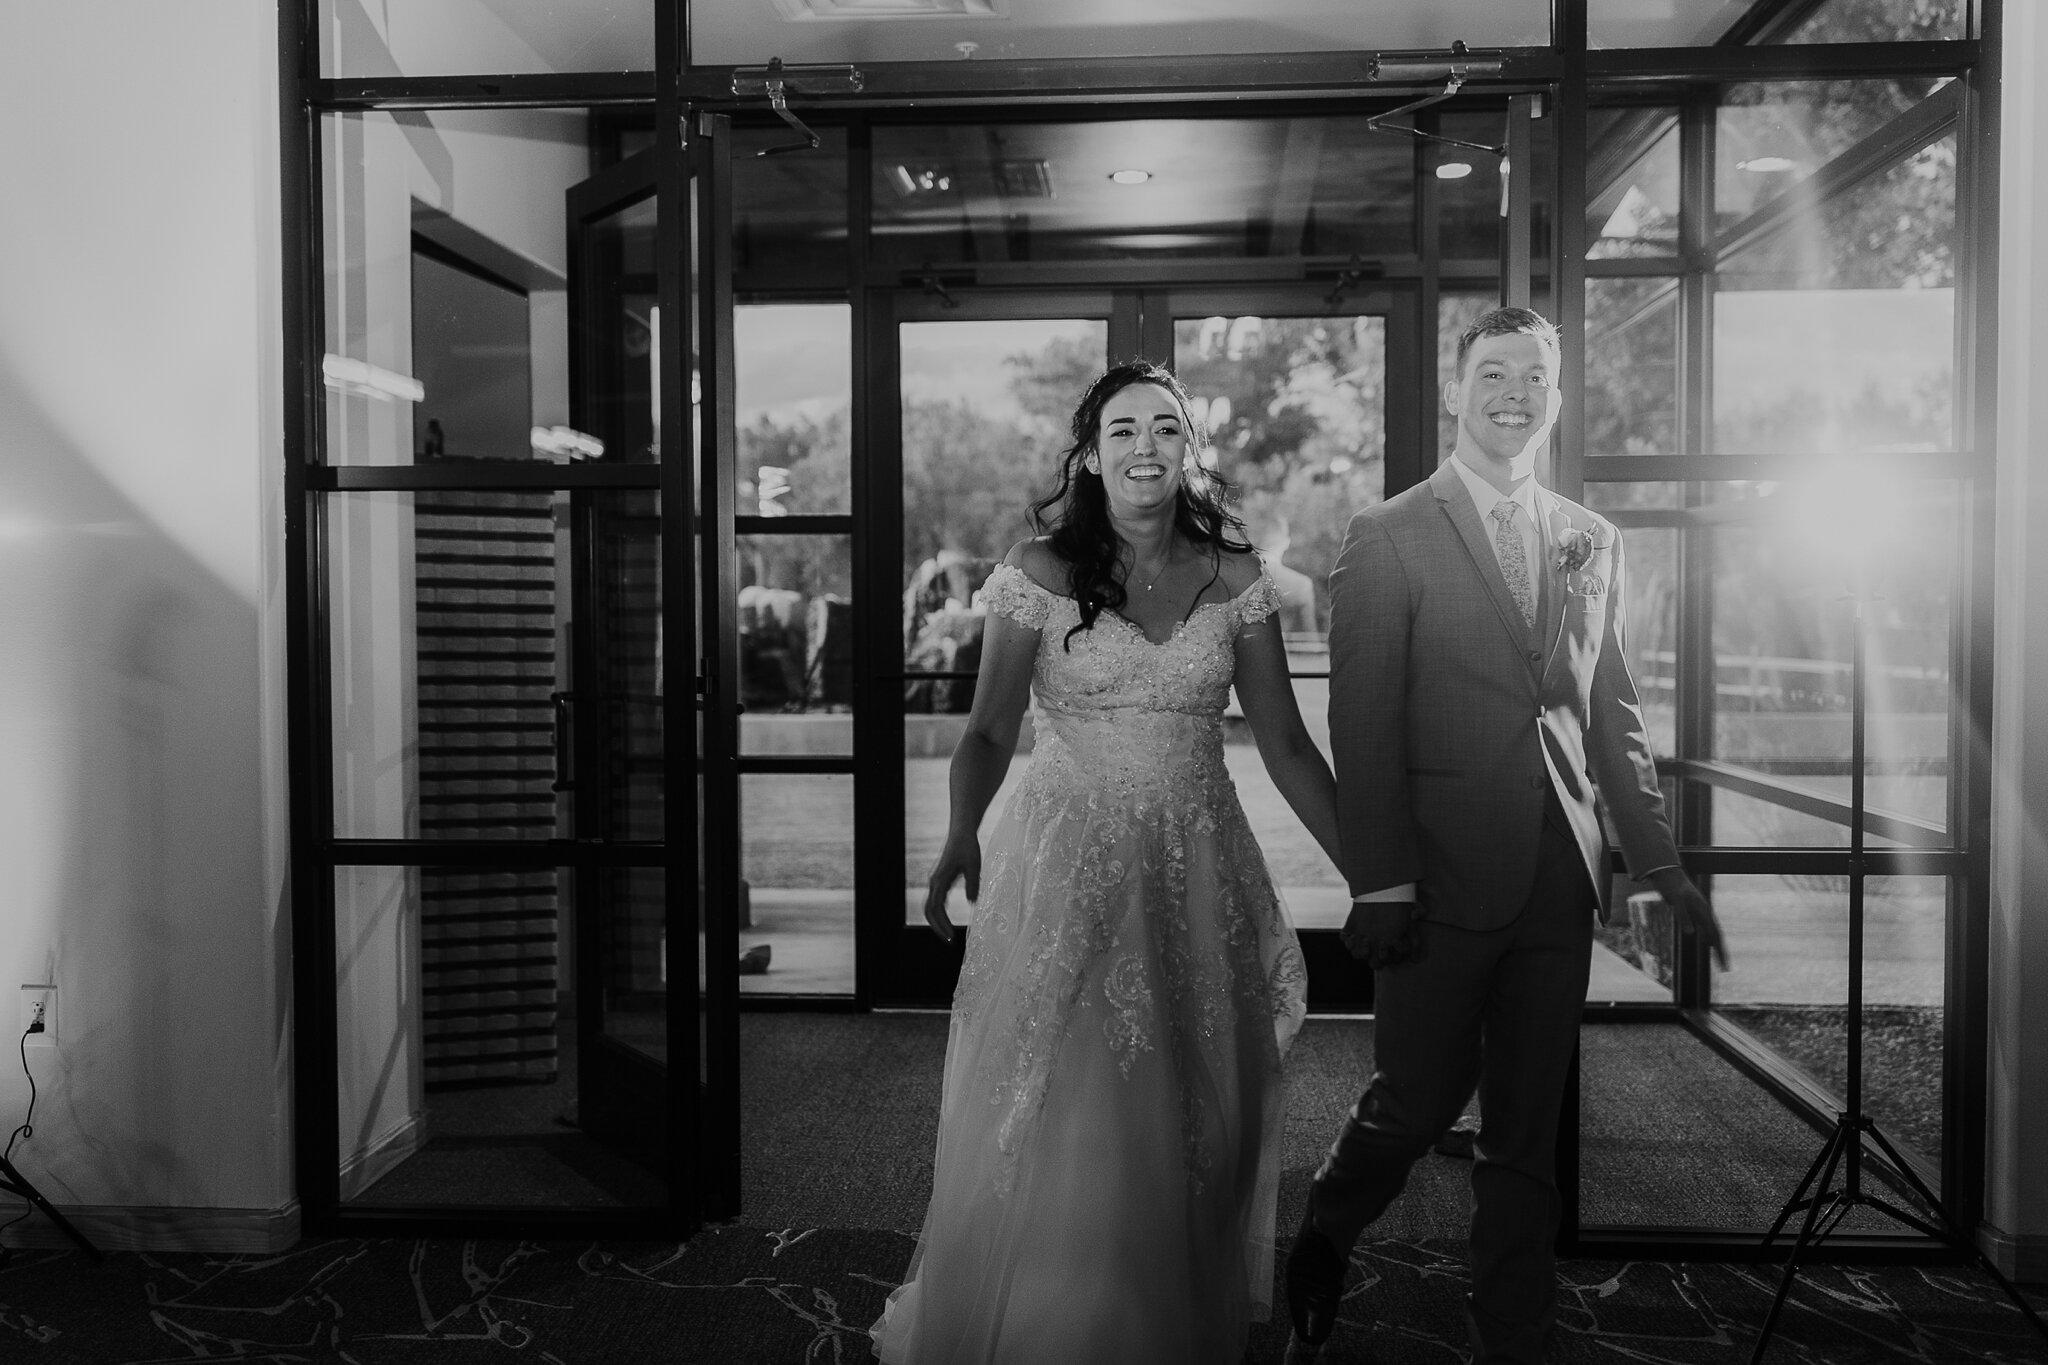 Alicia+lucia+photography+-+albuquerque+wedding+photographer+-+santa+fe+wedding+photography+-+new+mexico+wedding+photographer+-+new+mexico+wedding+-+hyatt+tamaya+wedding+-+washington+bride+-+fall+wedding+-+albuquerque+wedding_0114.jpg